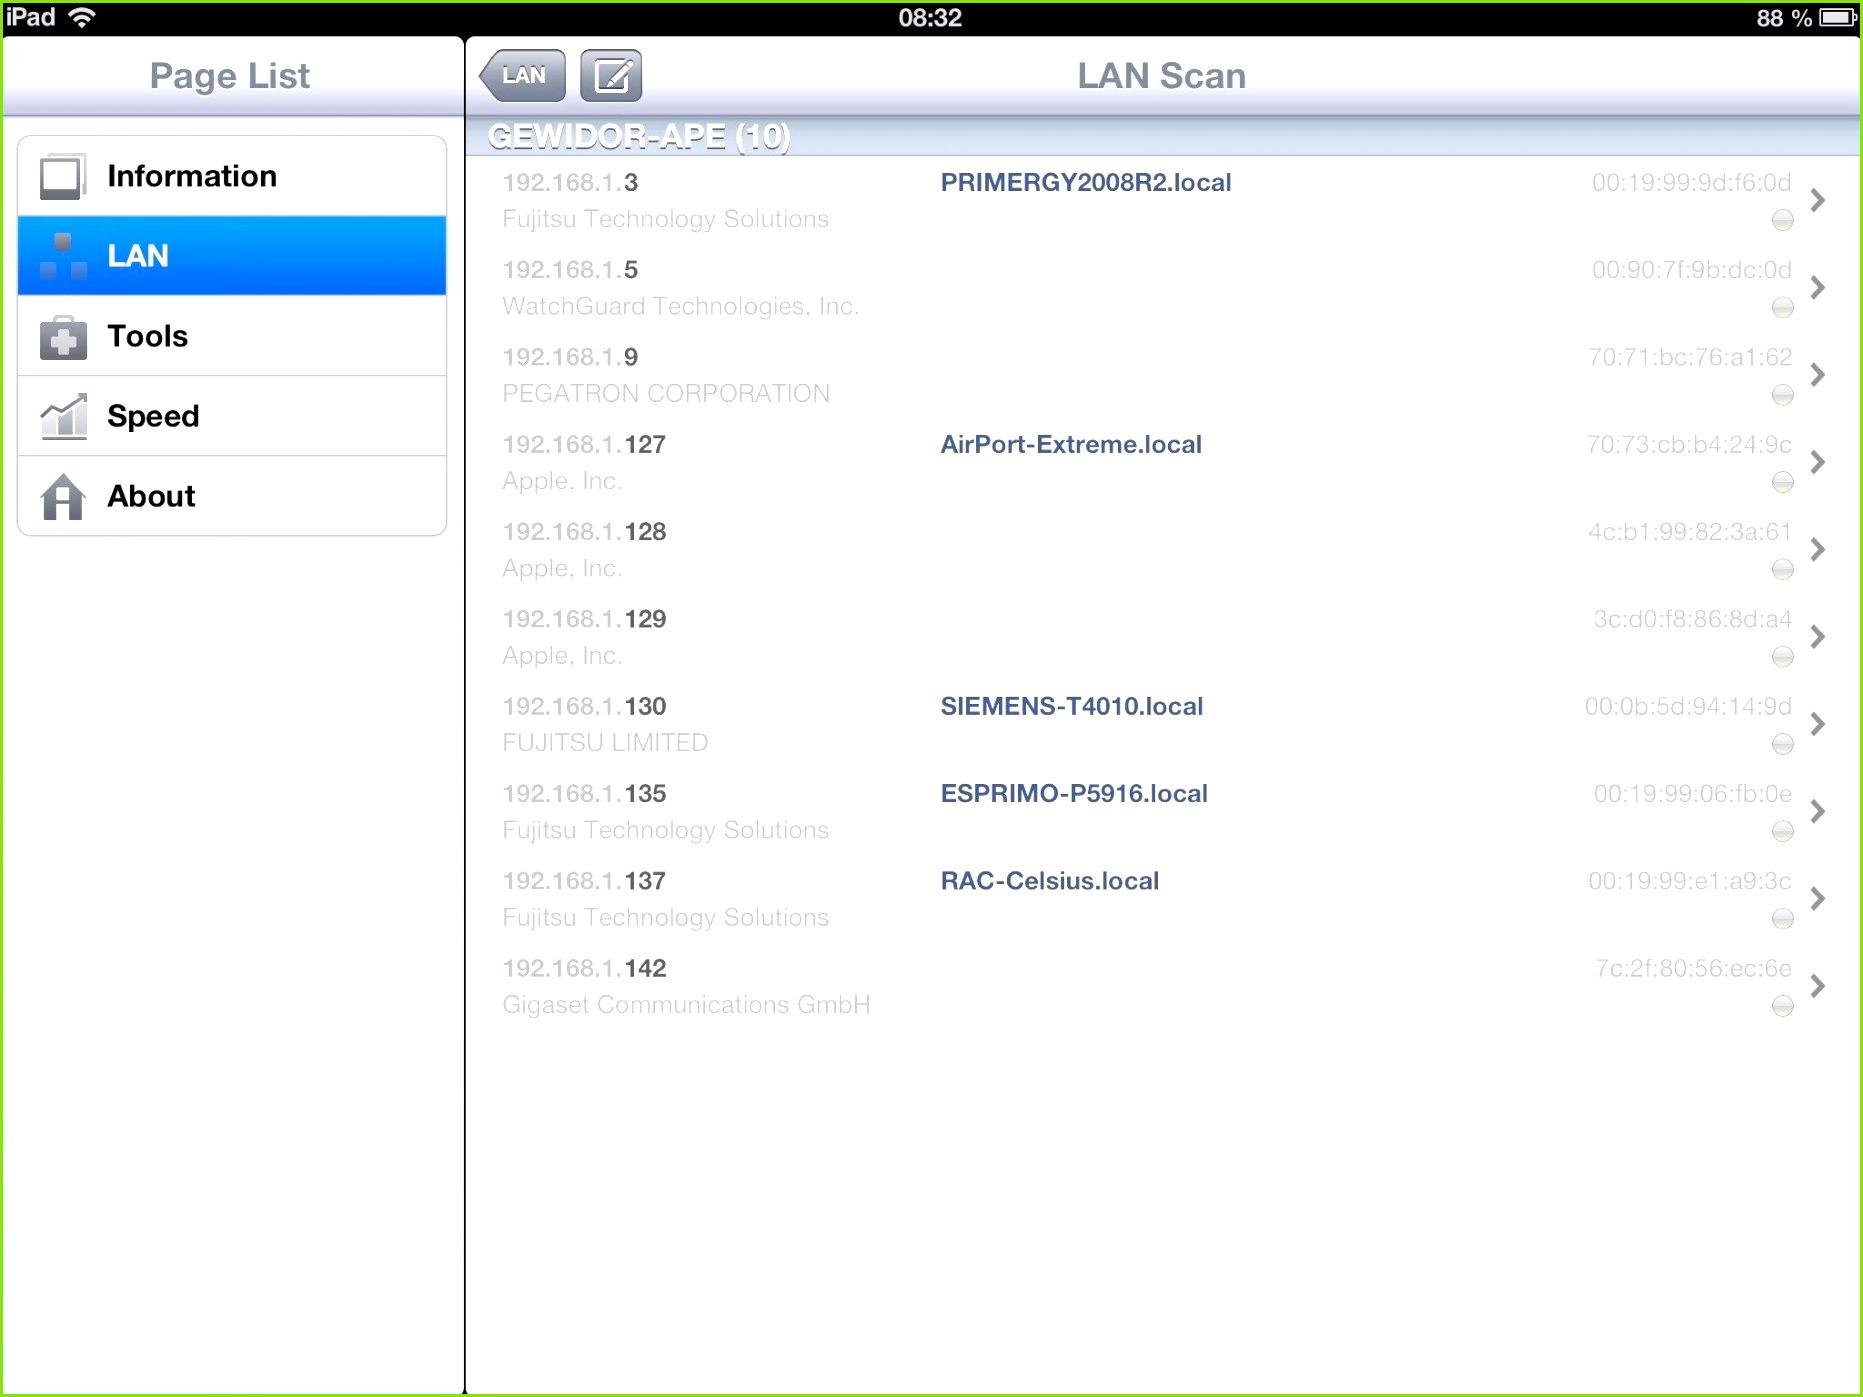 Schön Outlook Vorlage Erstellen Galerie Beispielzusammenfassung Großartig Outlook Vorlage Erstellen Zeitgenössisch – Email Signatur Vorlage